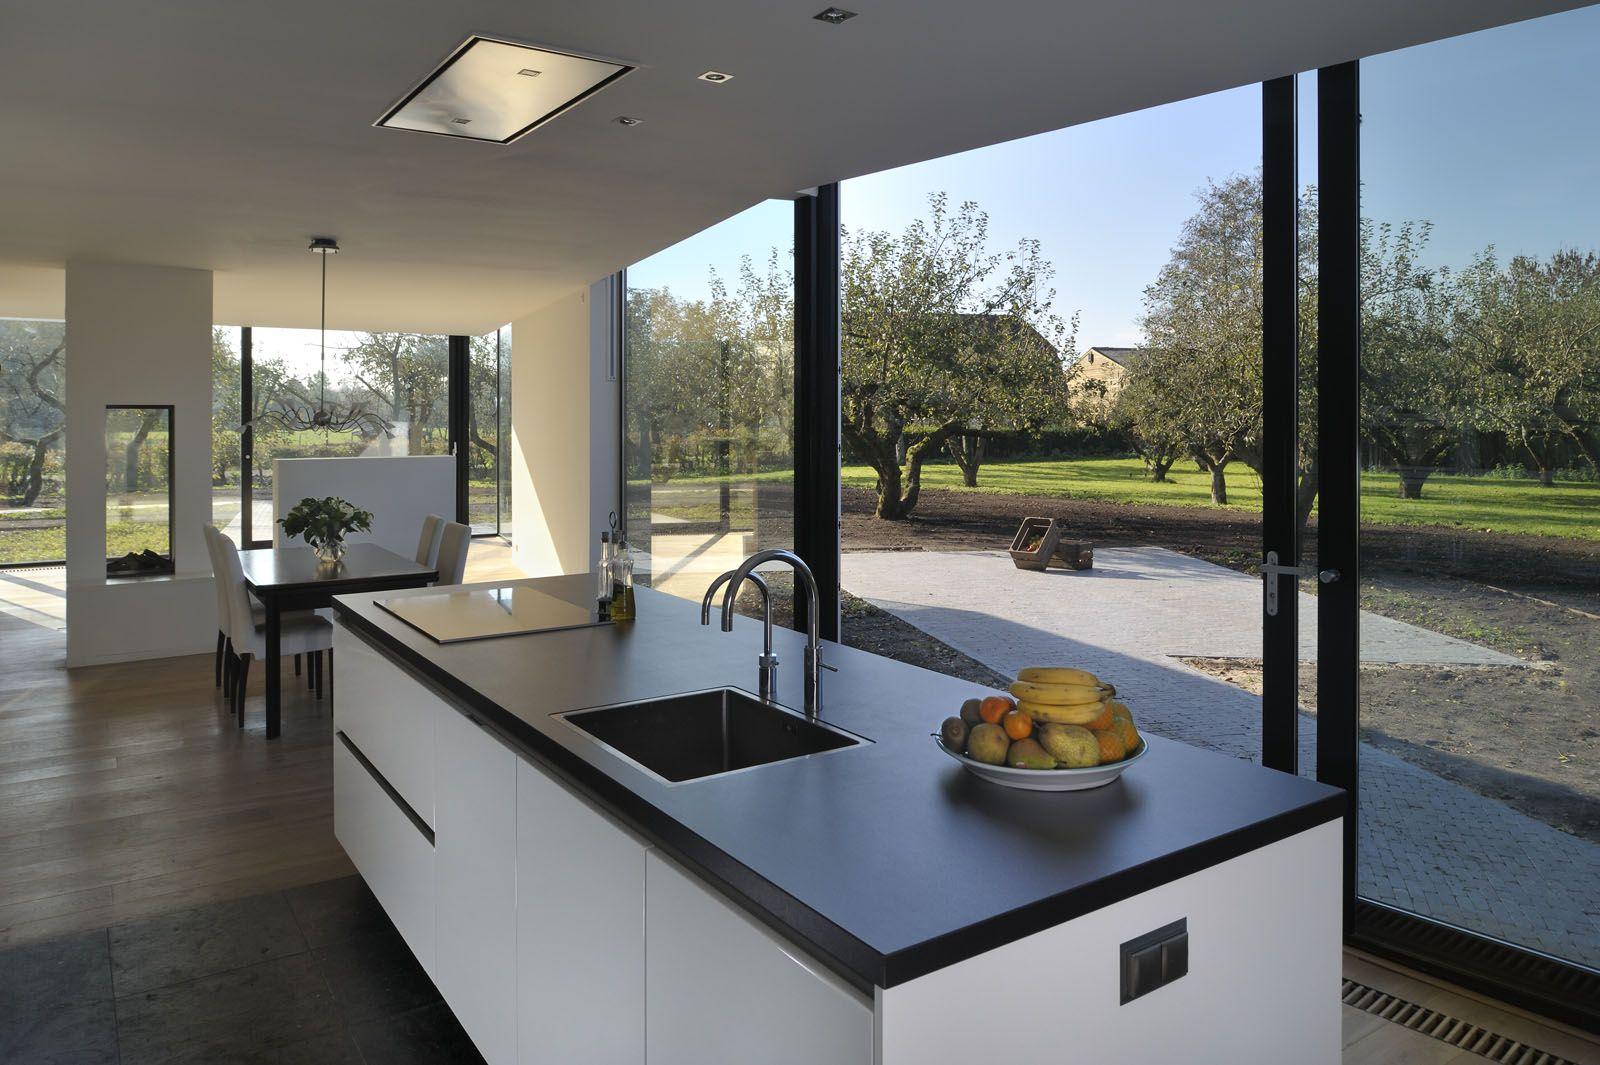 Keuken met glas staal pui woning constantsteeg pinterest staal keuken en keukens for Keuken met glas